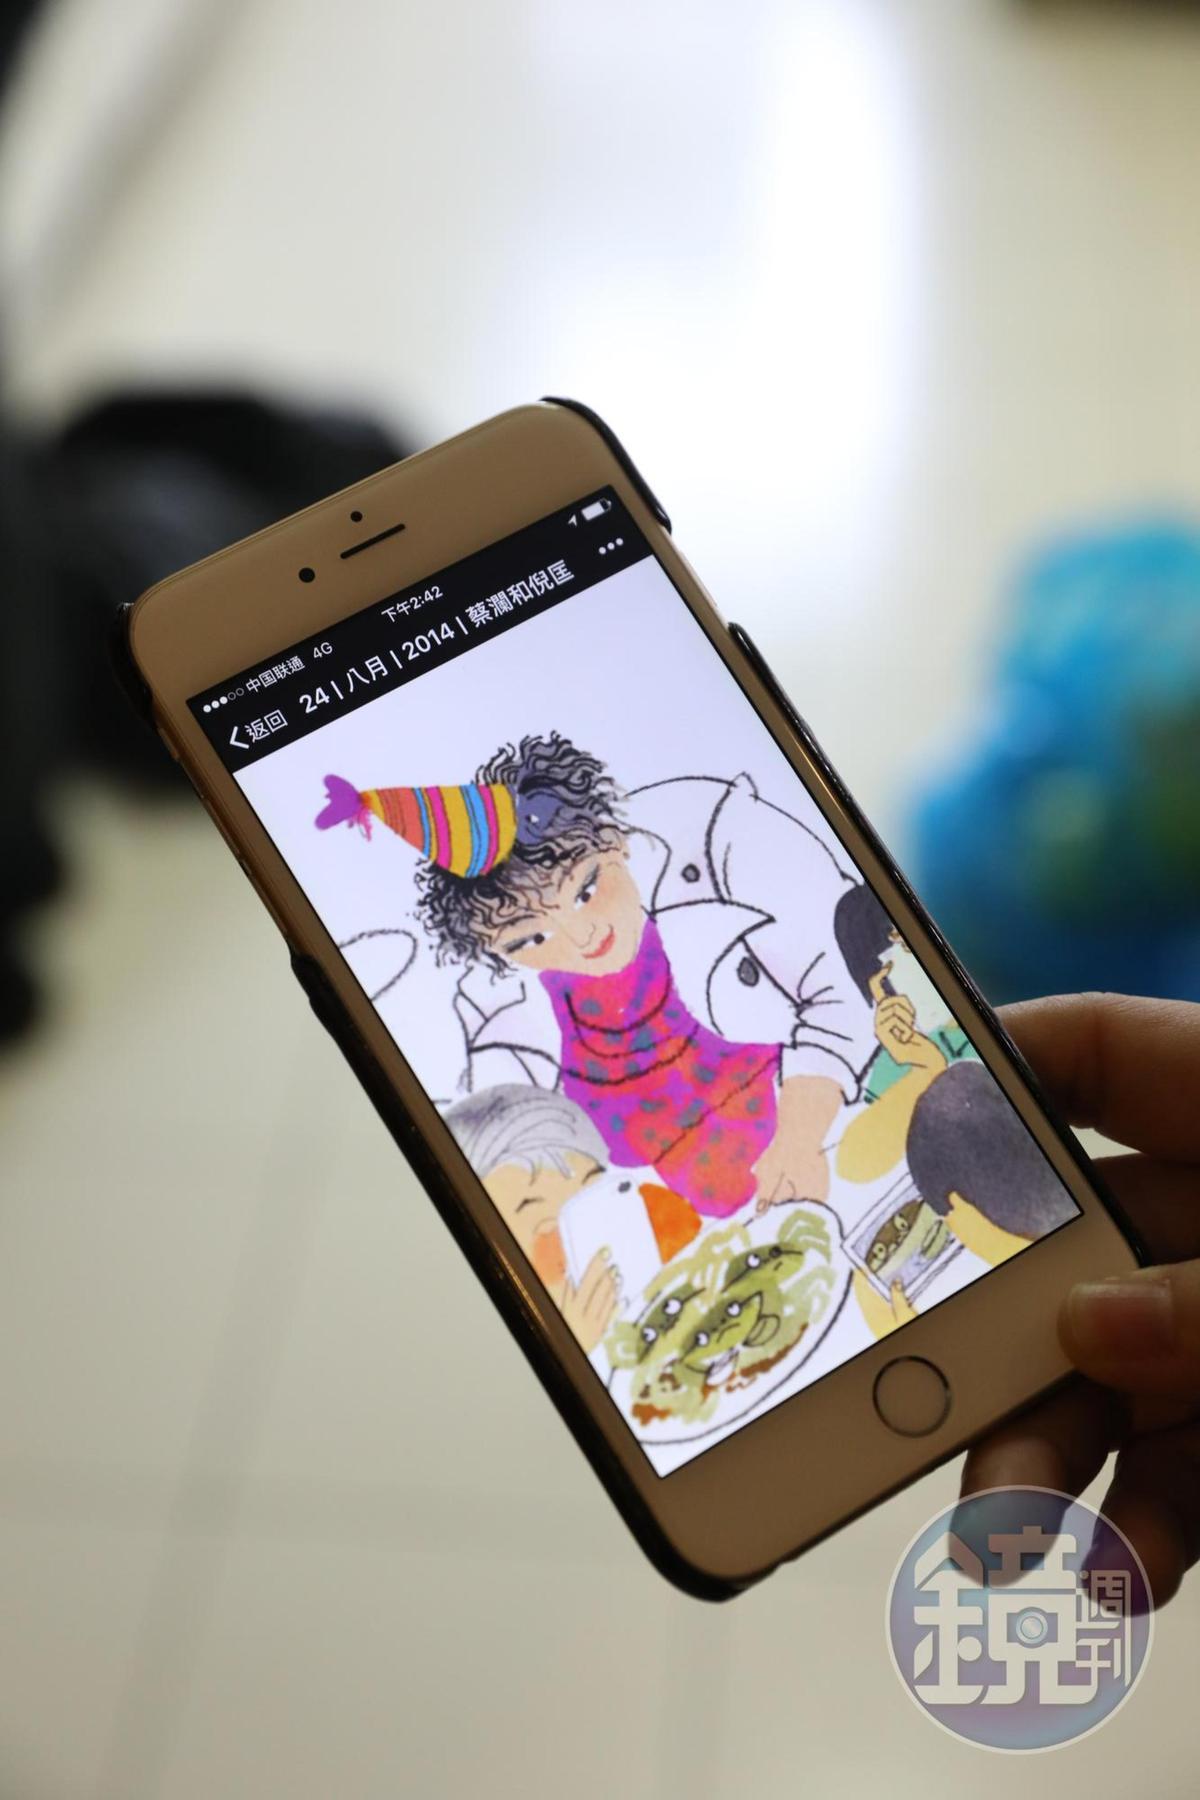 香港《壹週刊》為蔡瀾專欄畫的汪姐畫像,十分可愛。